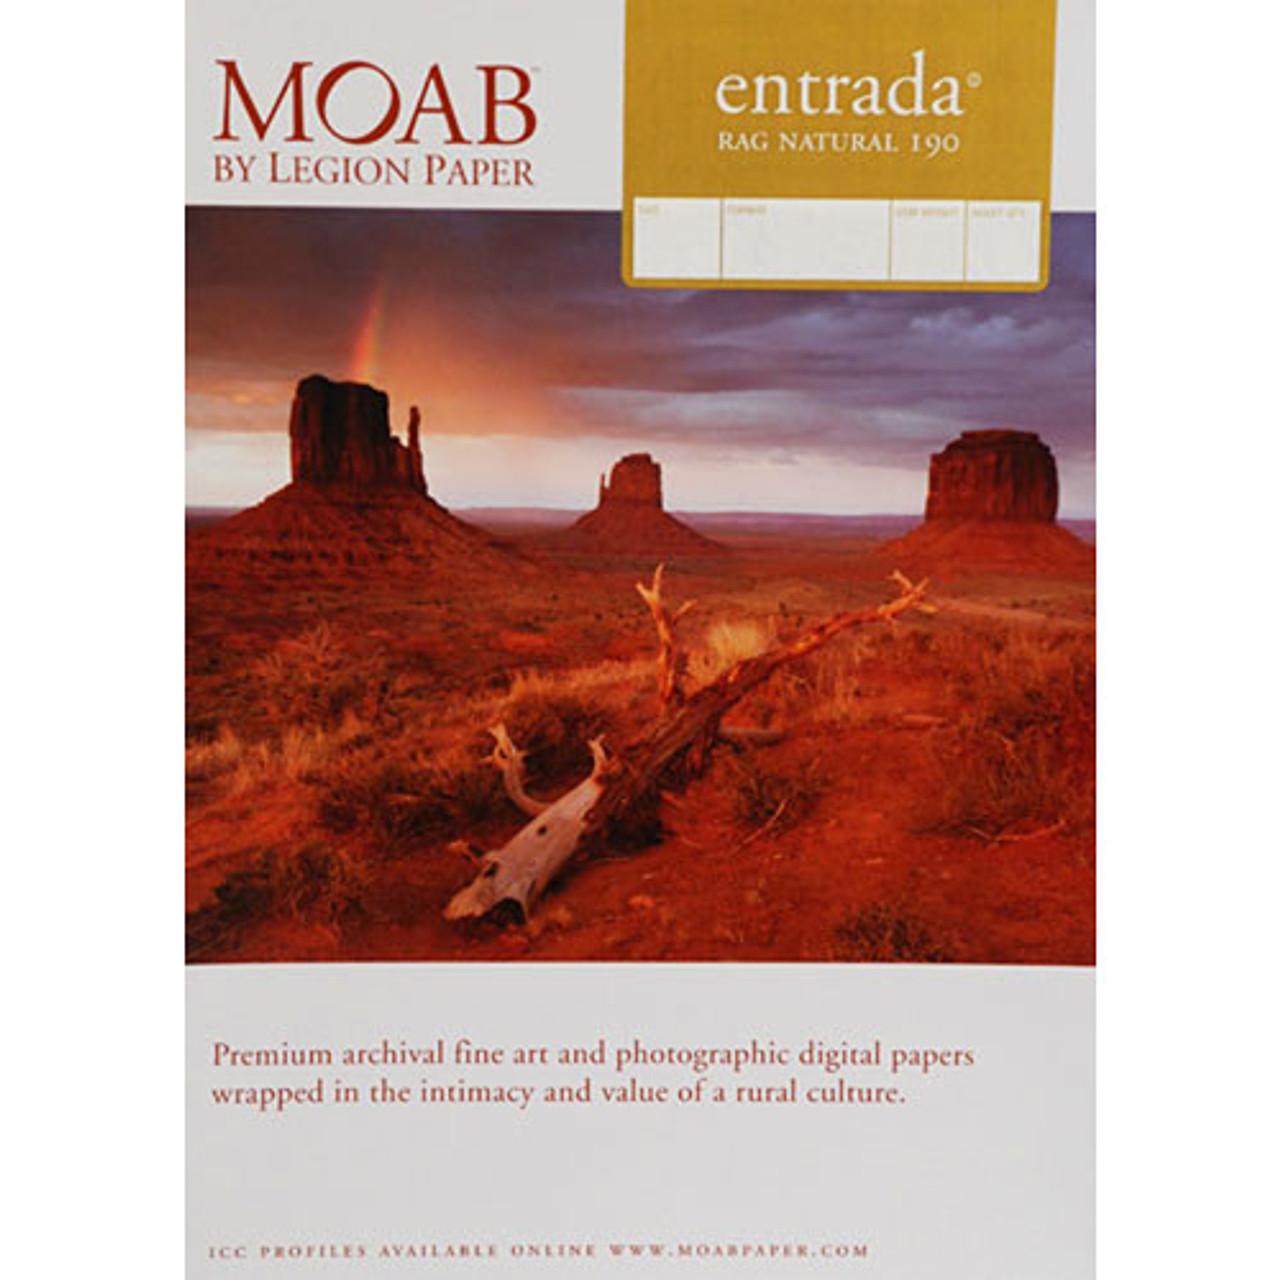 MOAB ENTRADA RAG NATURAL 190 (25 SHEETS)